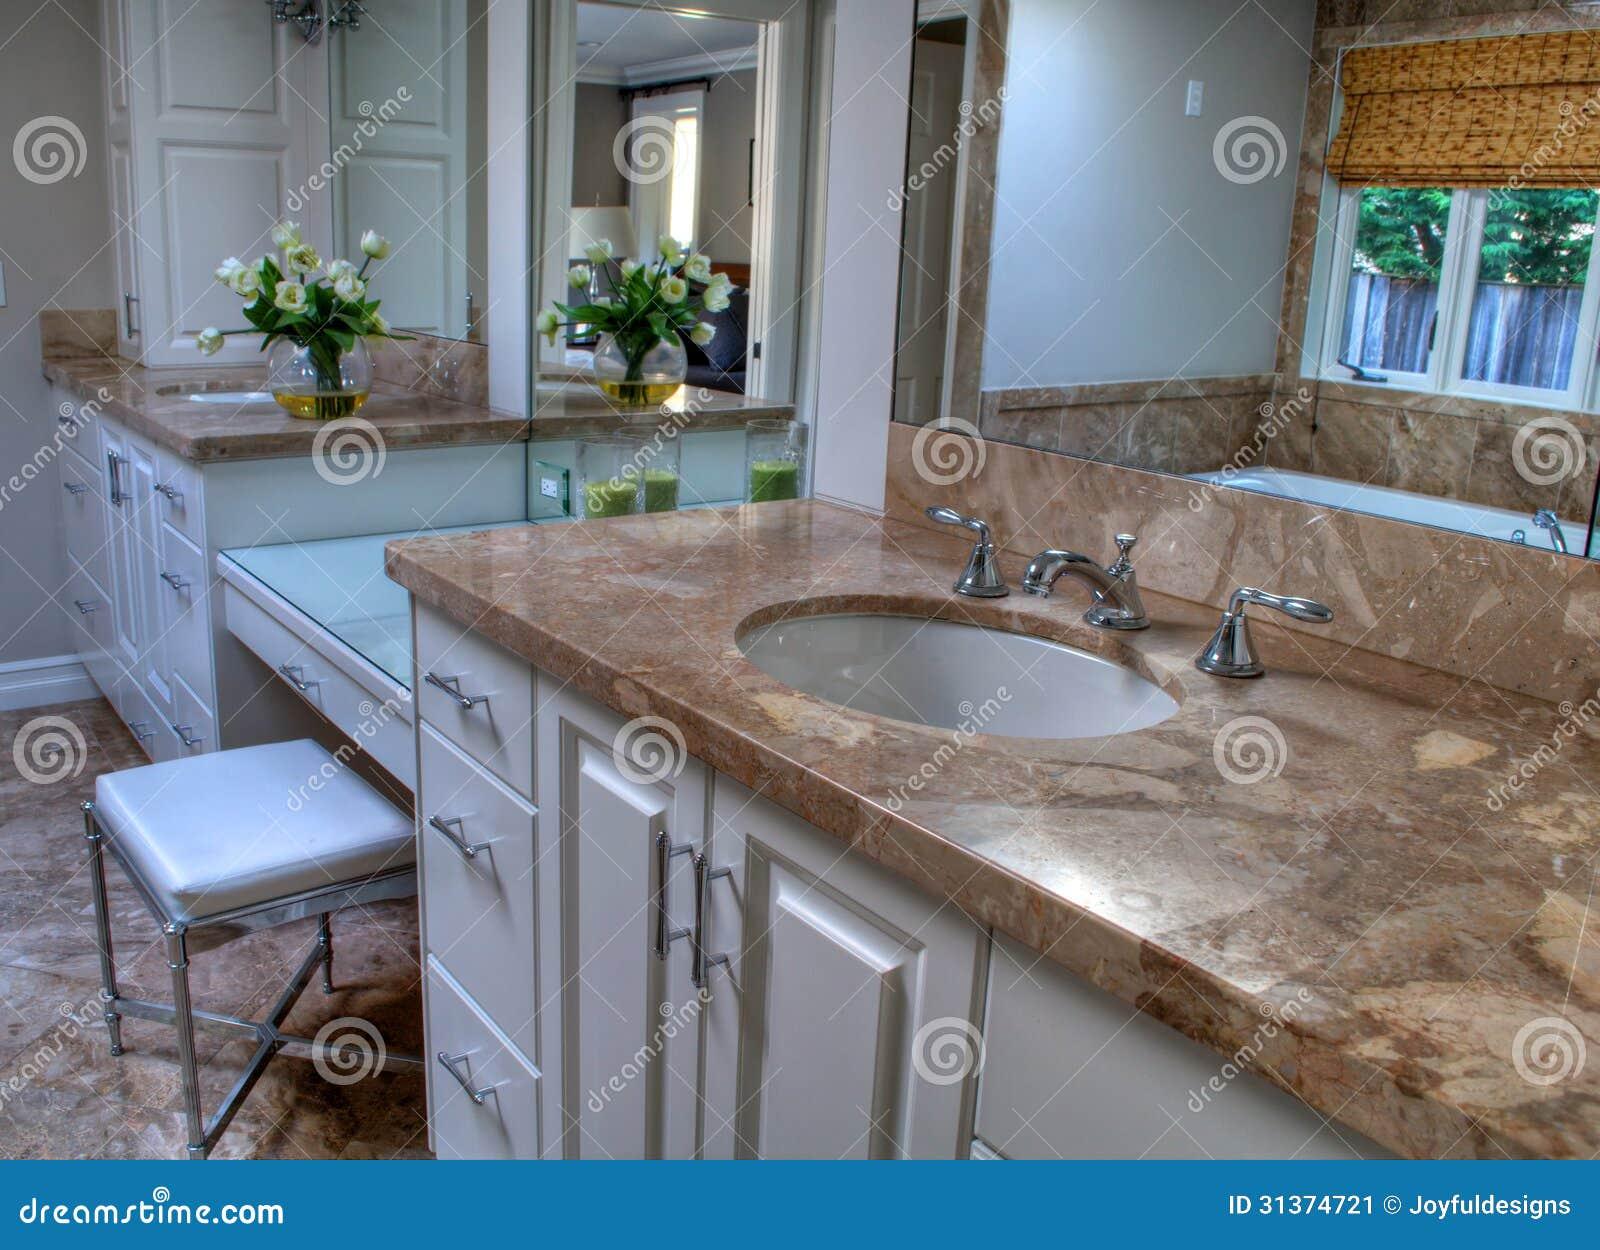 Bagno Colori Neutri : Colori neutri graziosi del bagno immagine stock immagine di